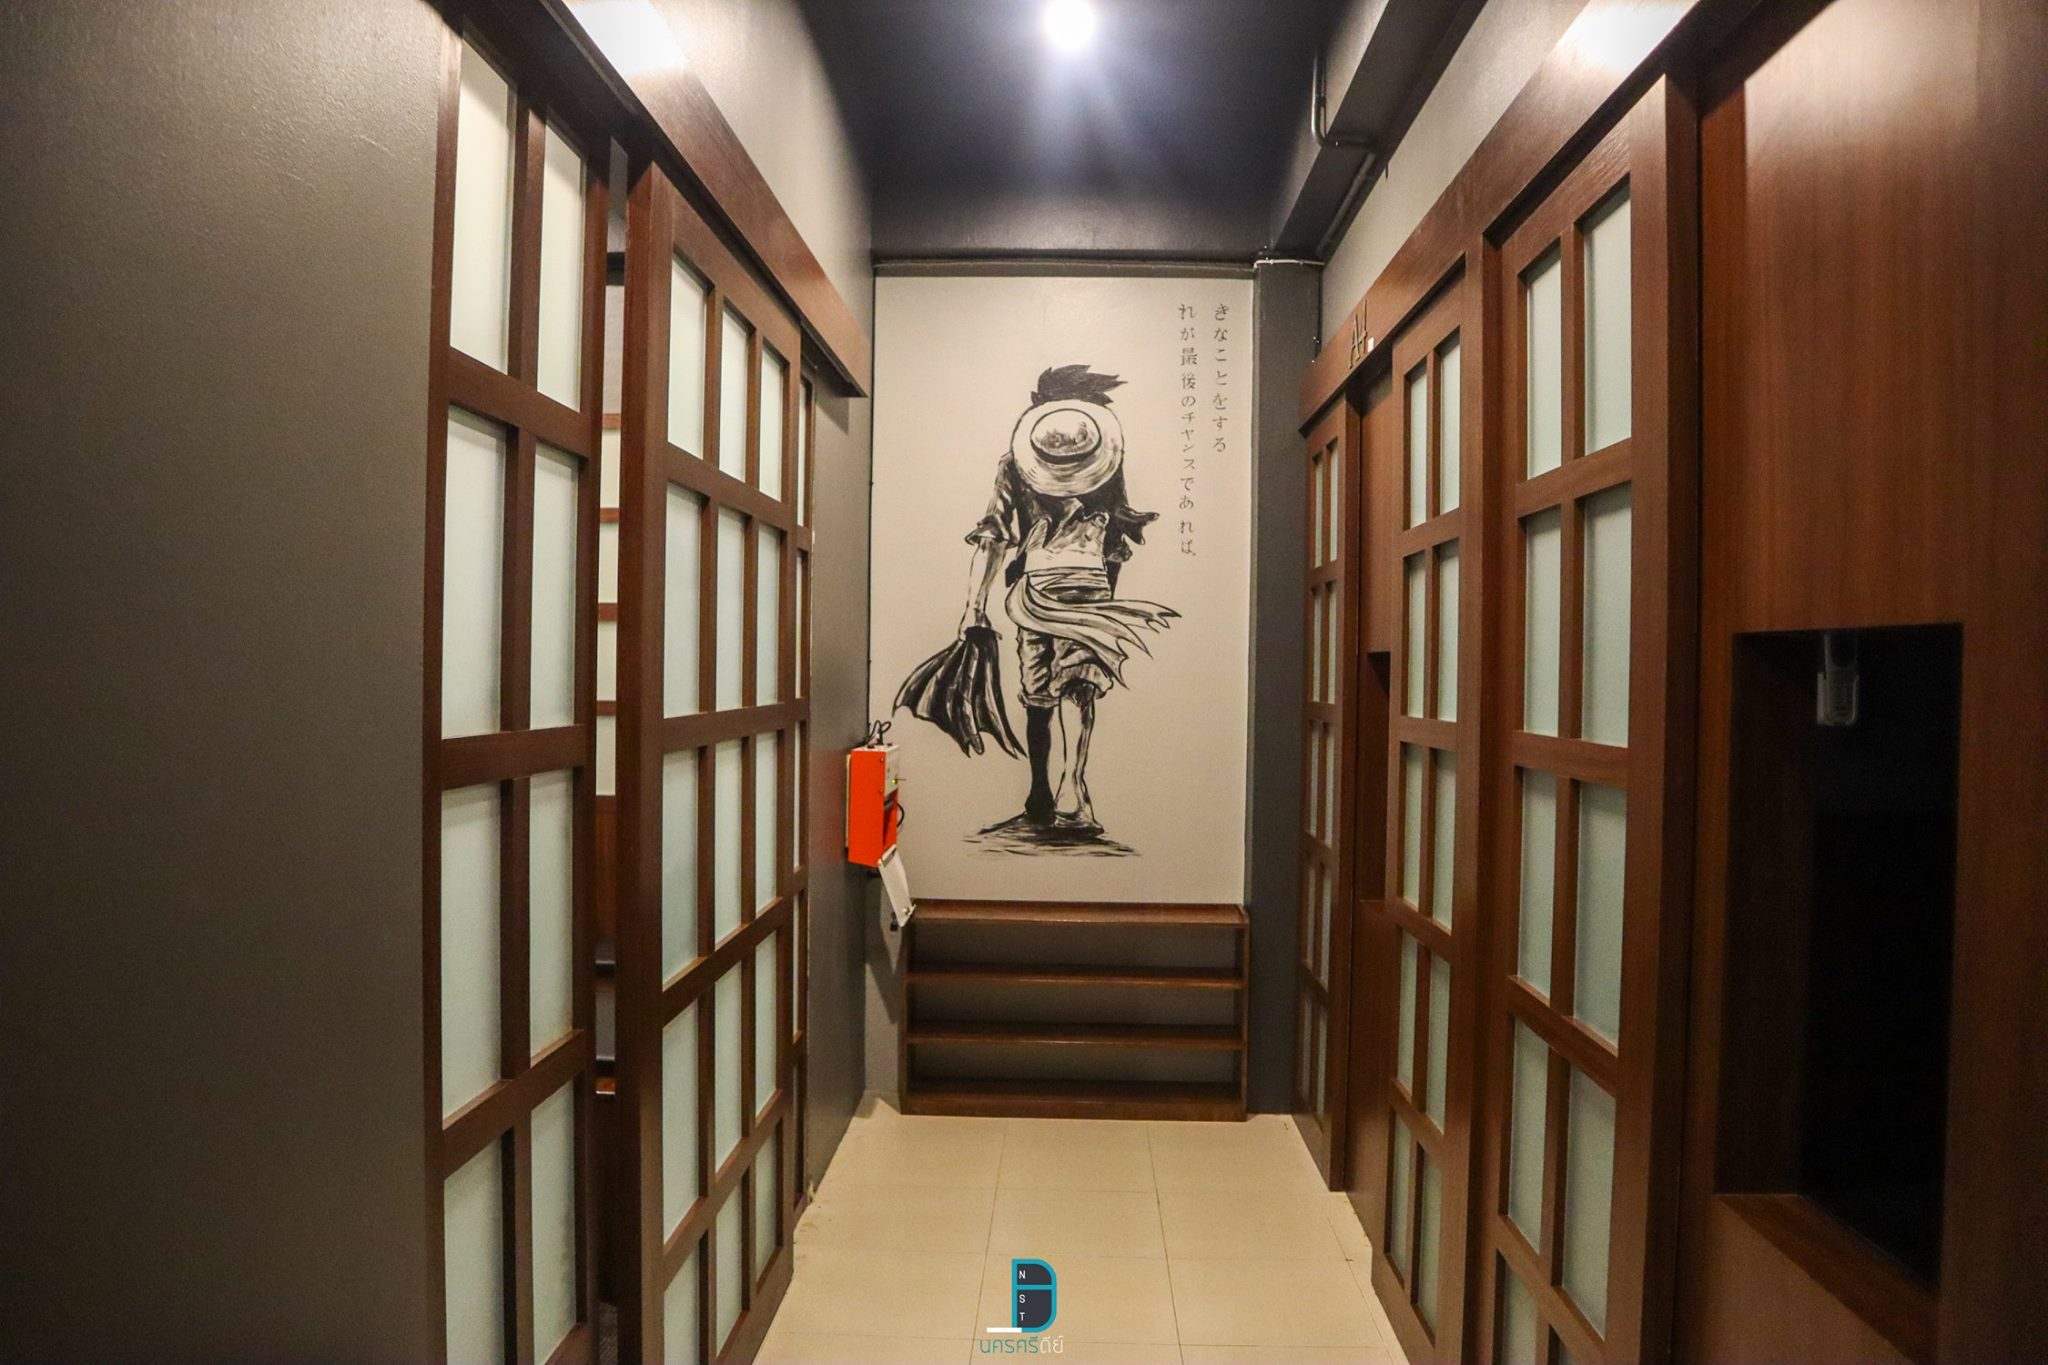 ร้านชาบูแบบมีห้องส่วนตัวสำหรับกรุ๊ป ShabuShin นครศรีธรรมราช 239 รวมเครื่องดื่ม นครศรีดีย์